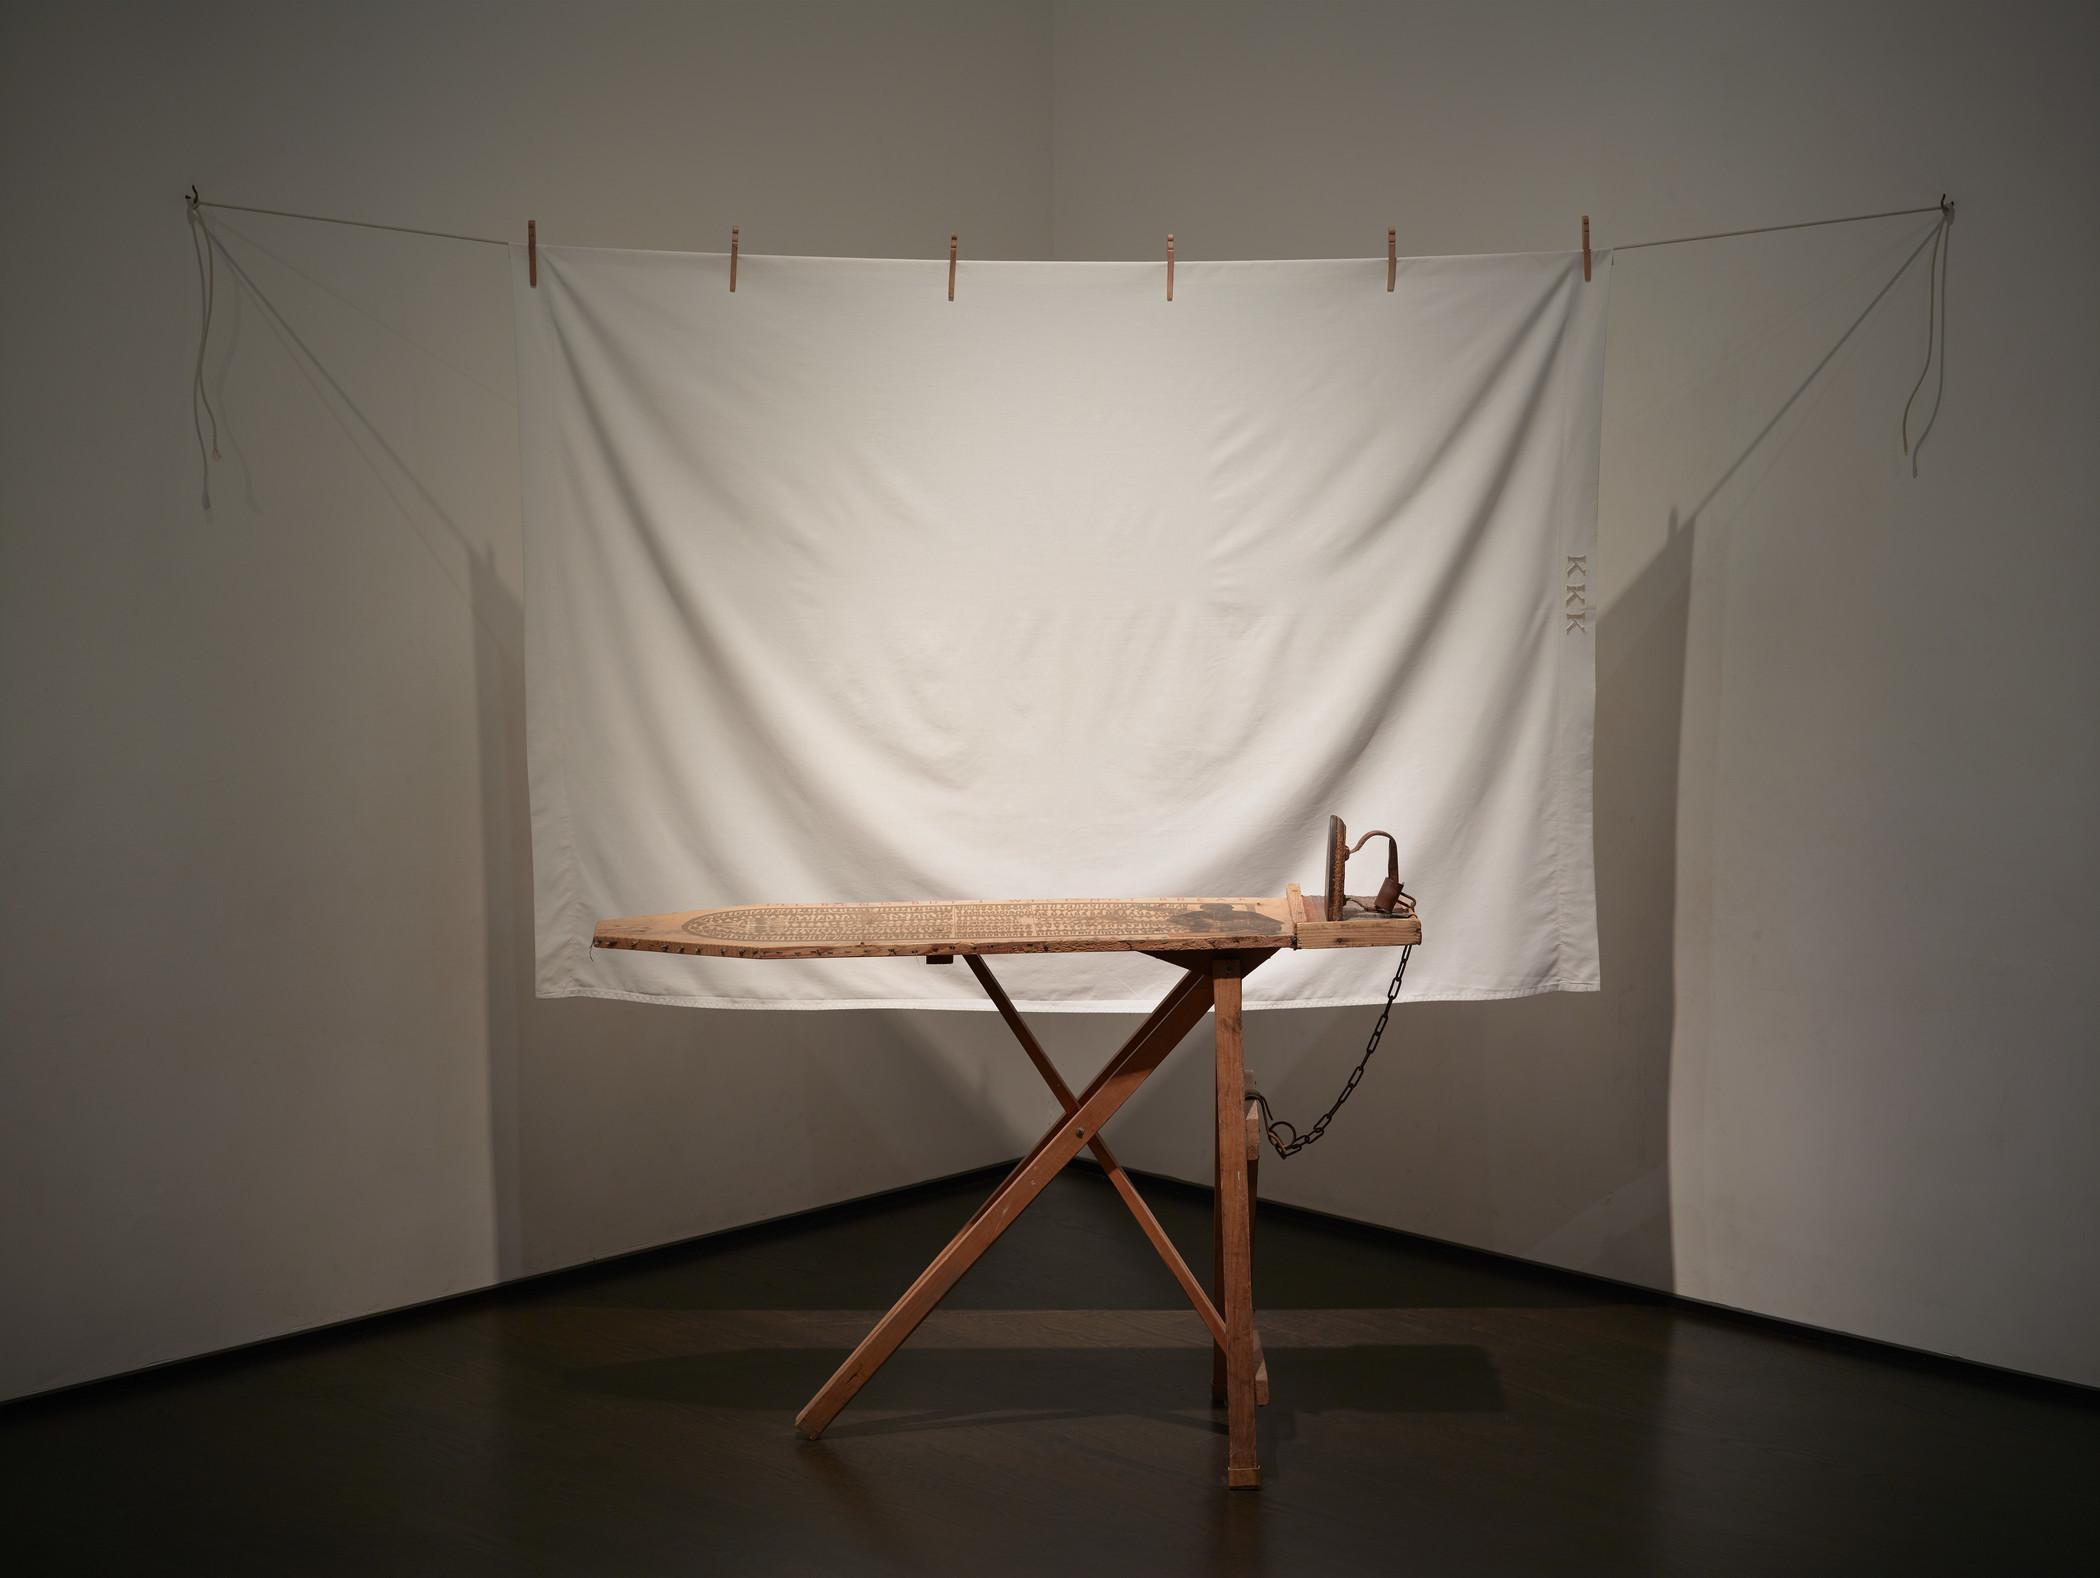 Betye Saar, I'll Bend But I Will Not Break, 1998